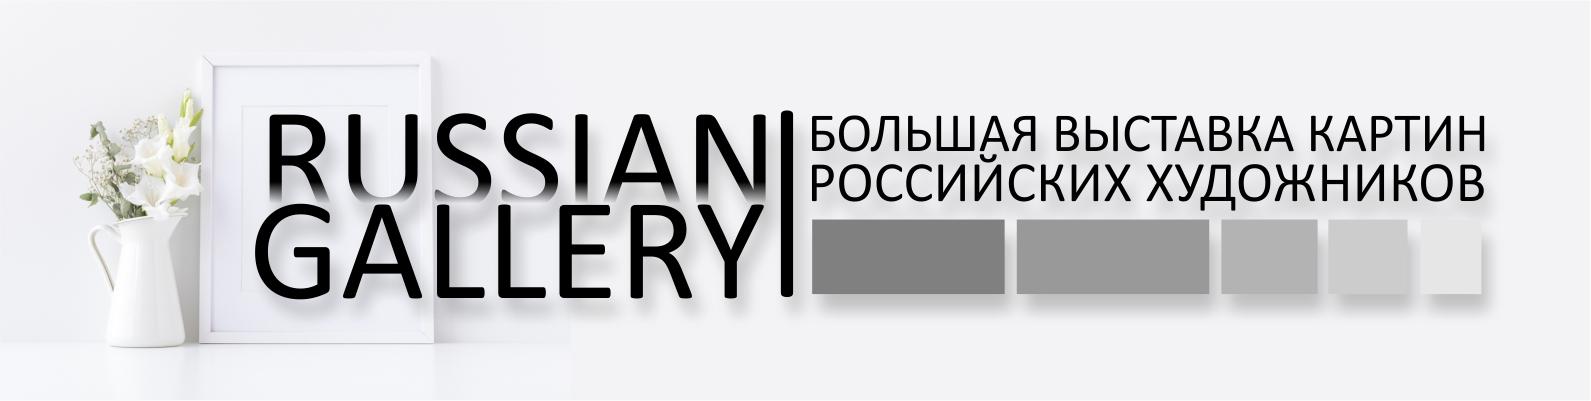 Полная разработка дизайна + логотип для сайта с составлением ТЗ для верстки готового сайта